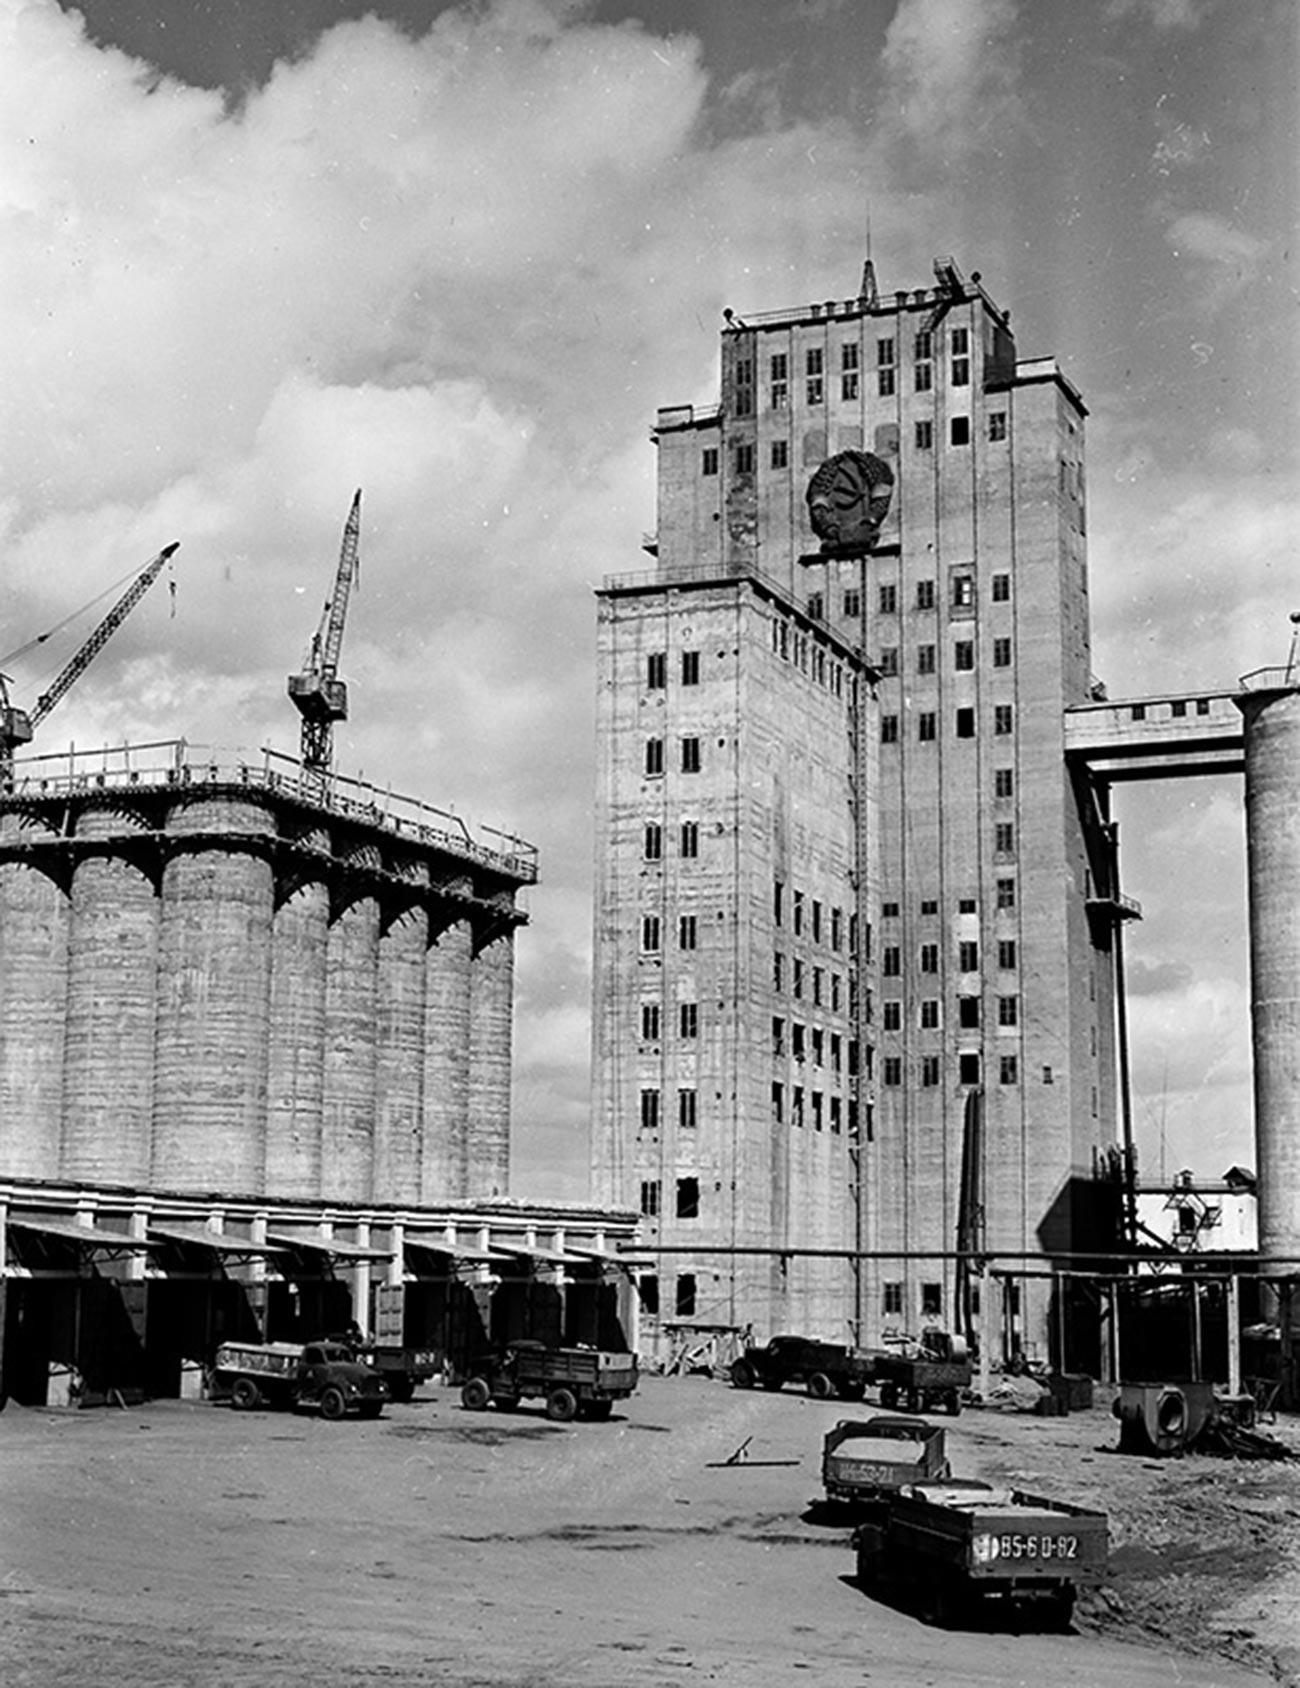 ソ連のエンブレムの入った大型穀物倉庫。カザフ・ソビエト社会主義共和国コスタナイ。1959年